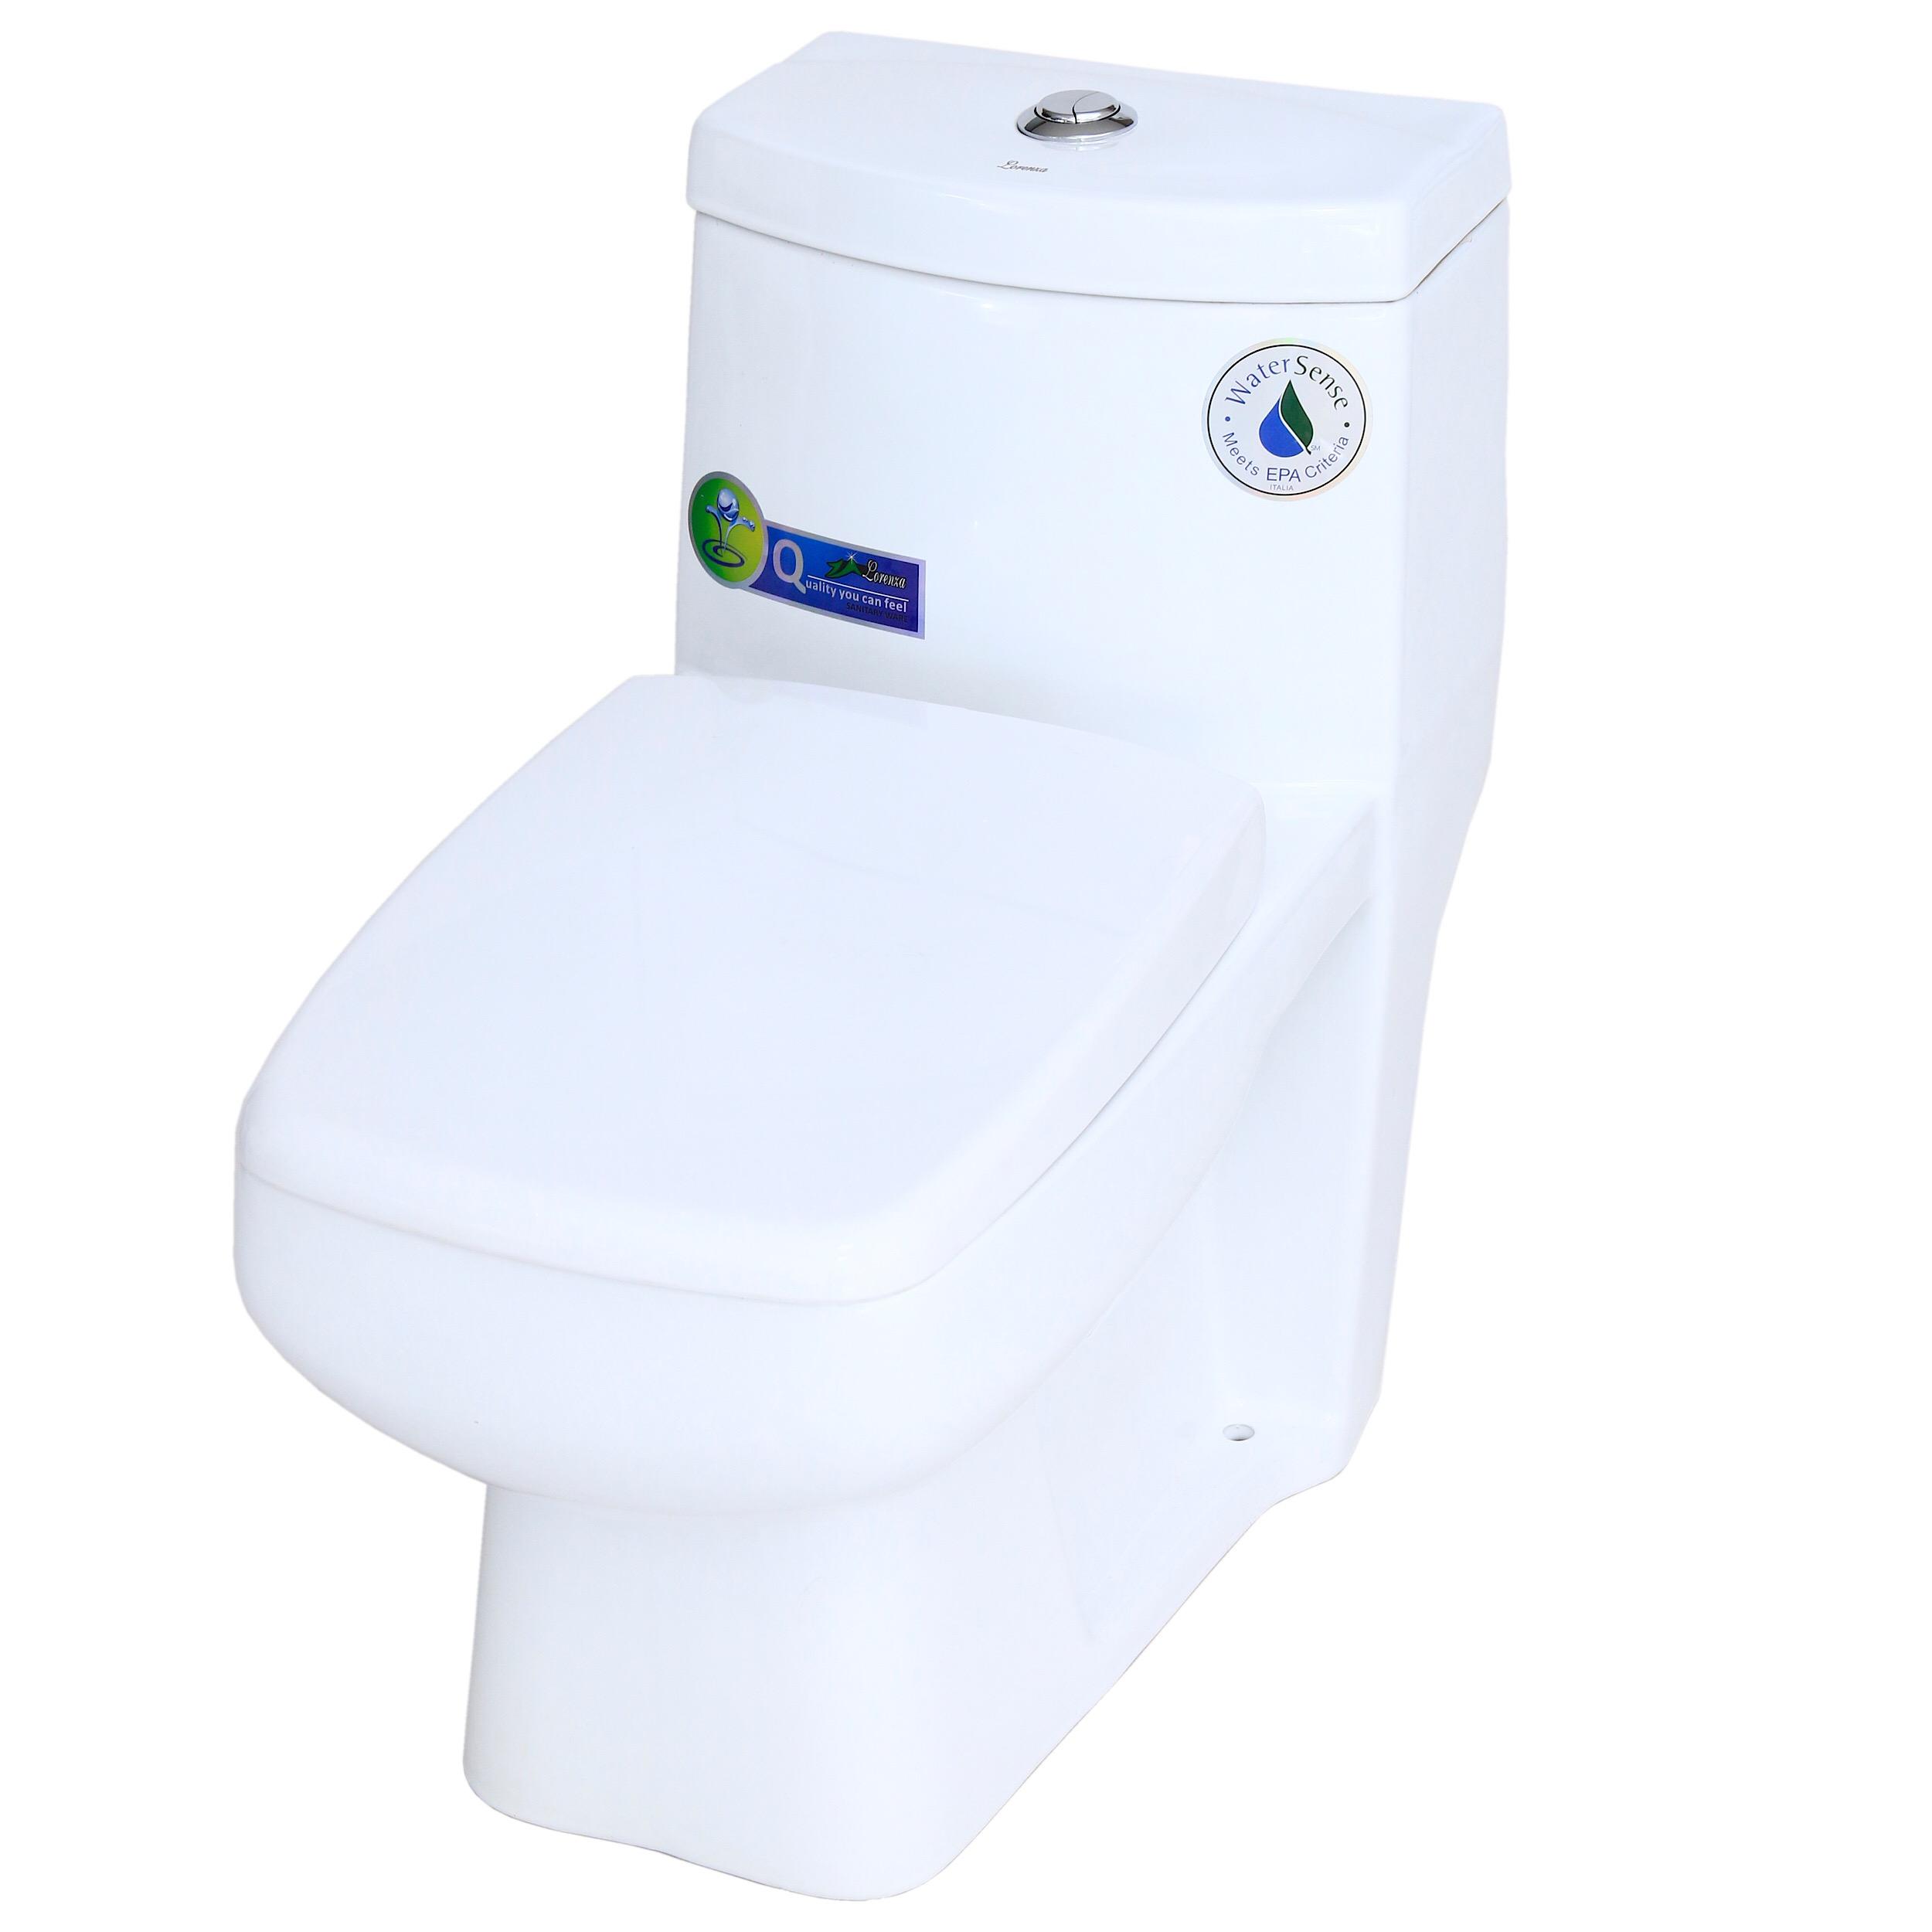 توالت فرنگی لورنزا کد ۱۰۰۸